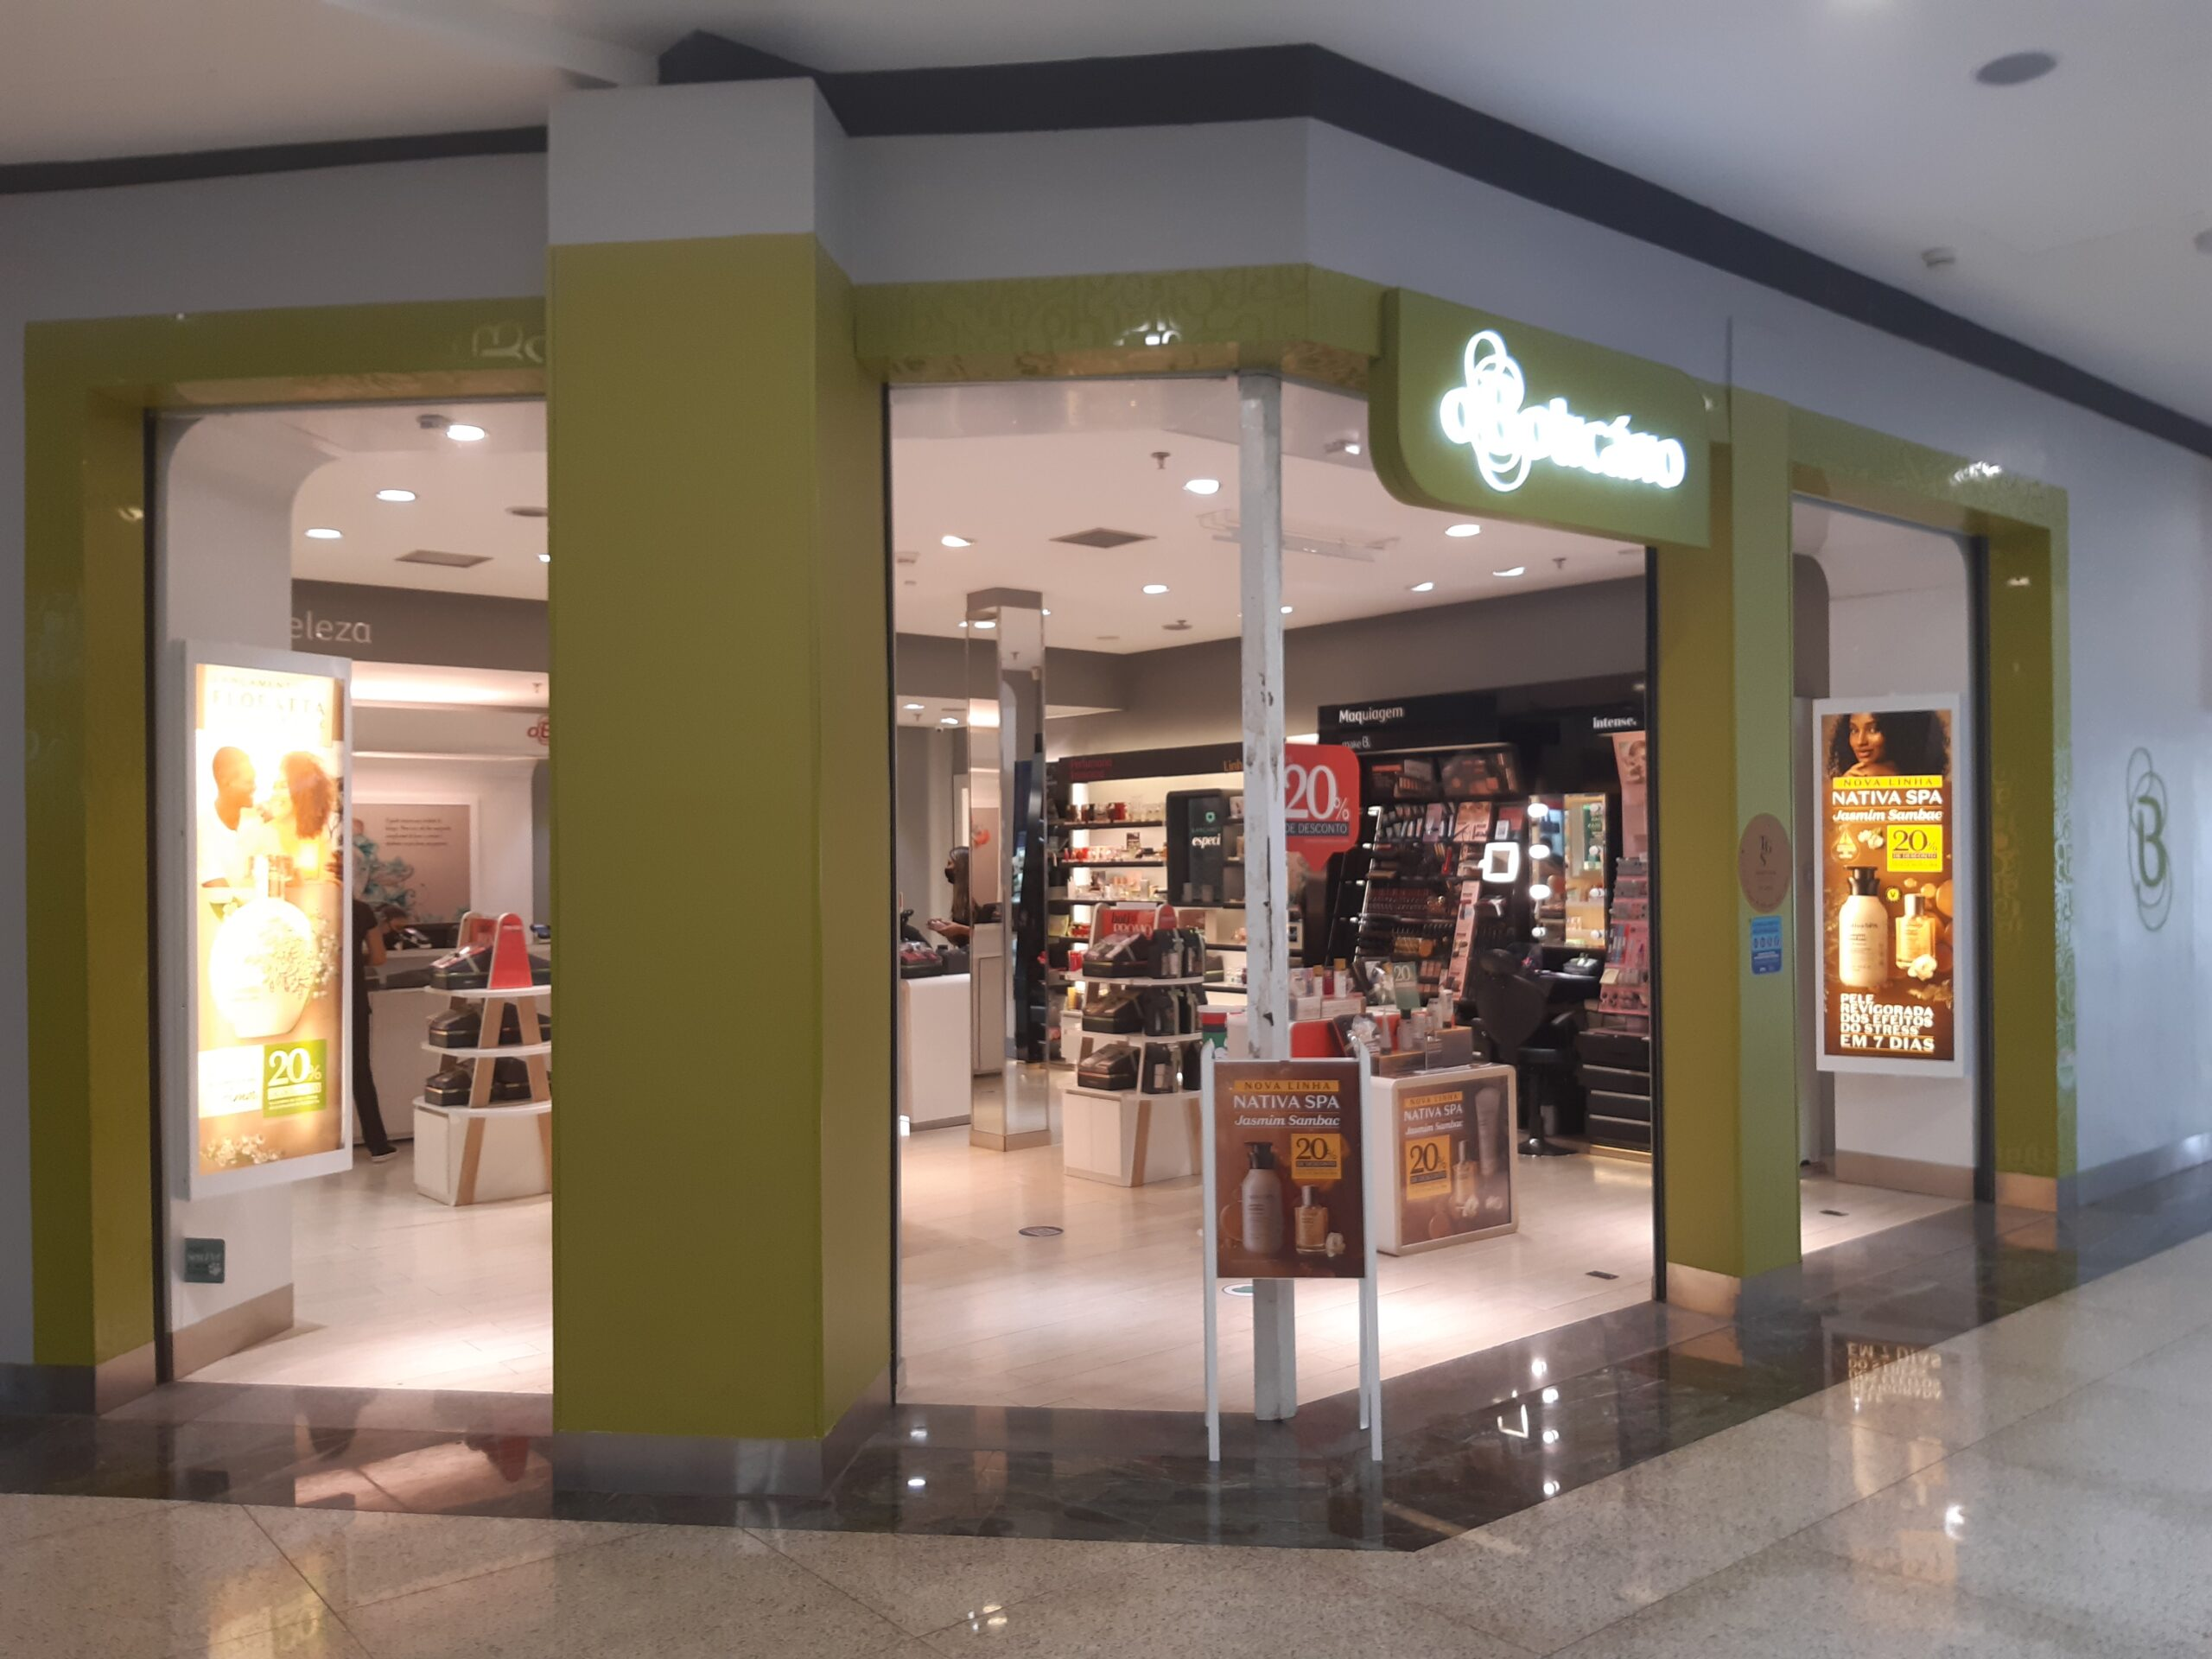 O Boticário do Taguatinga Shopping, Comércio Brasilia